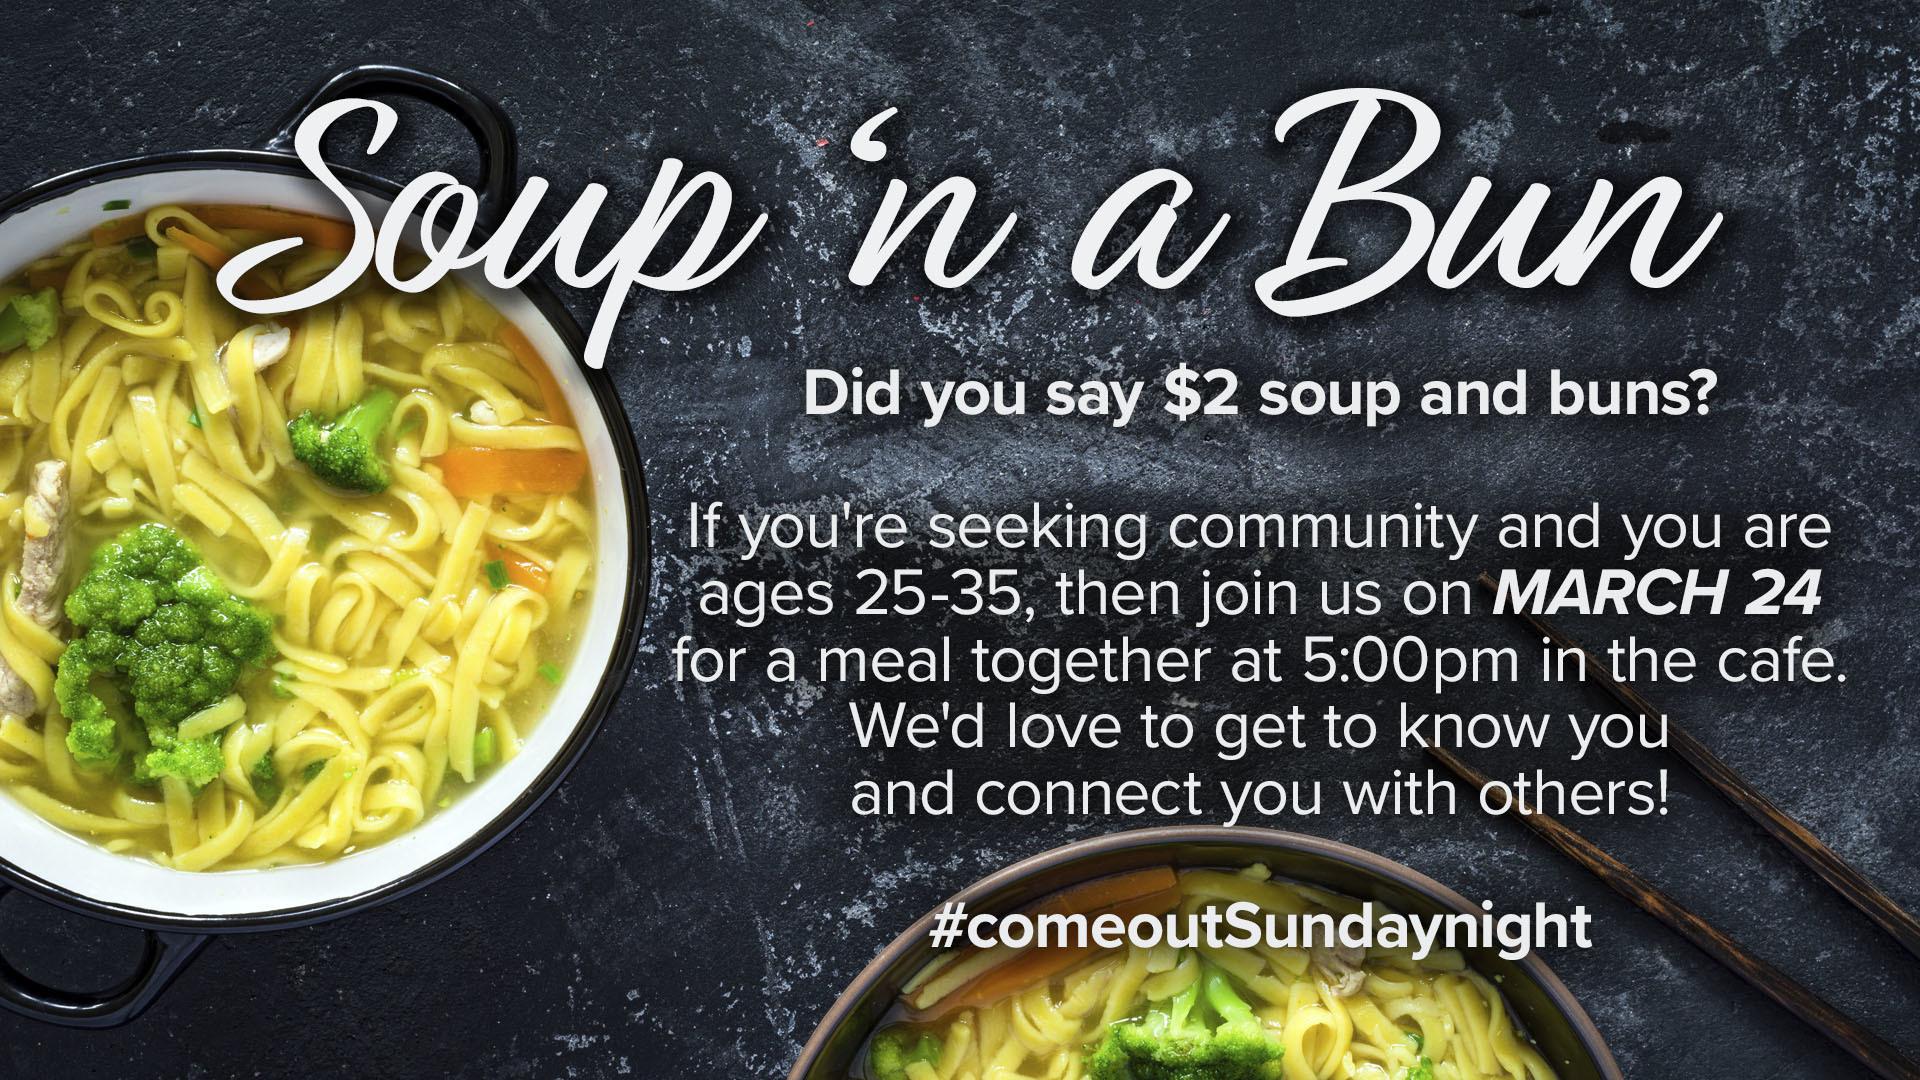 Soup 'n a Bun